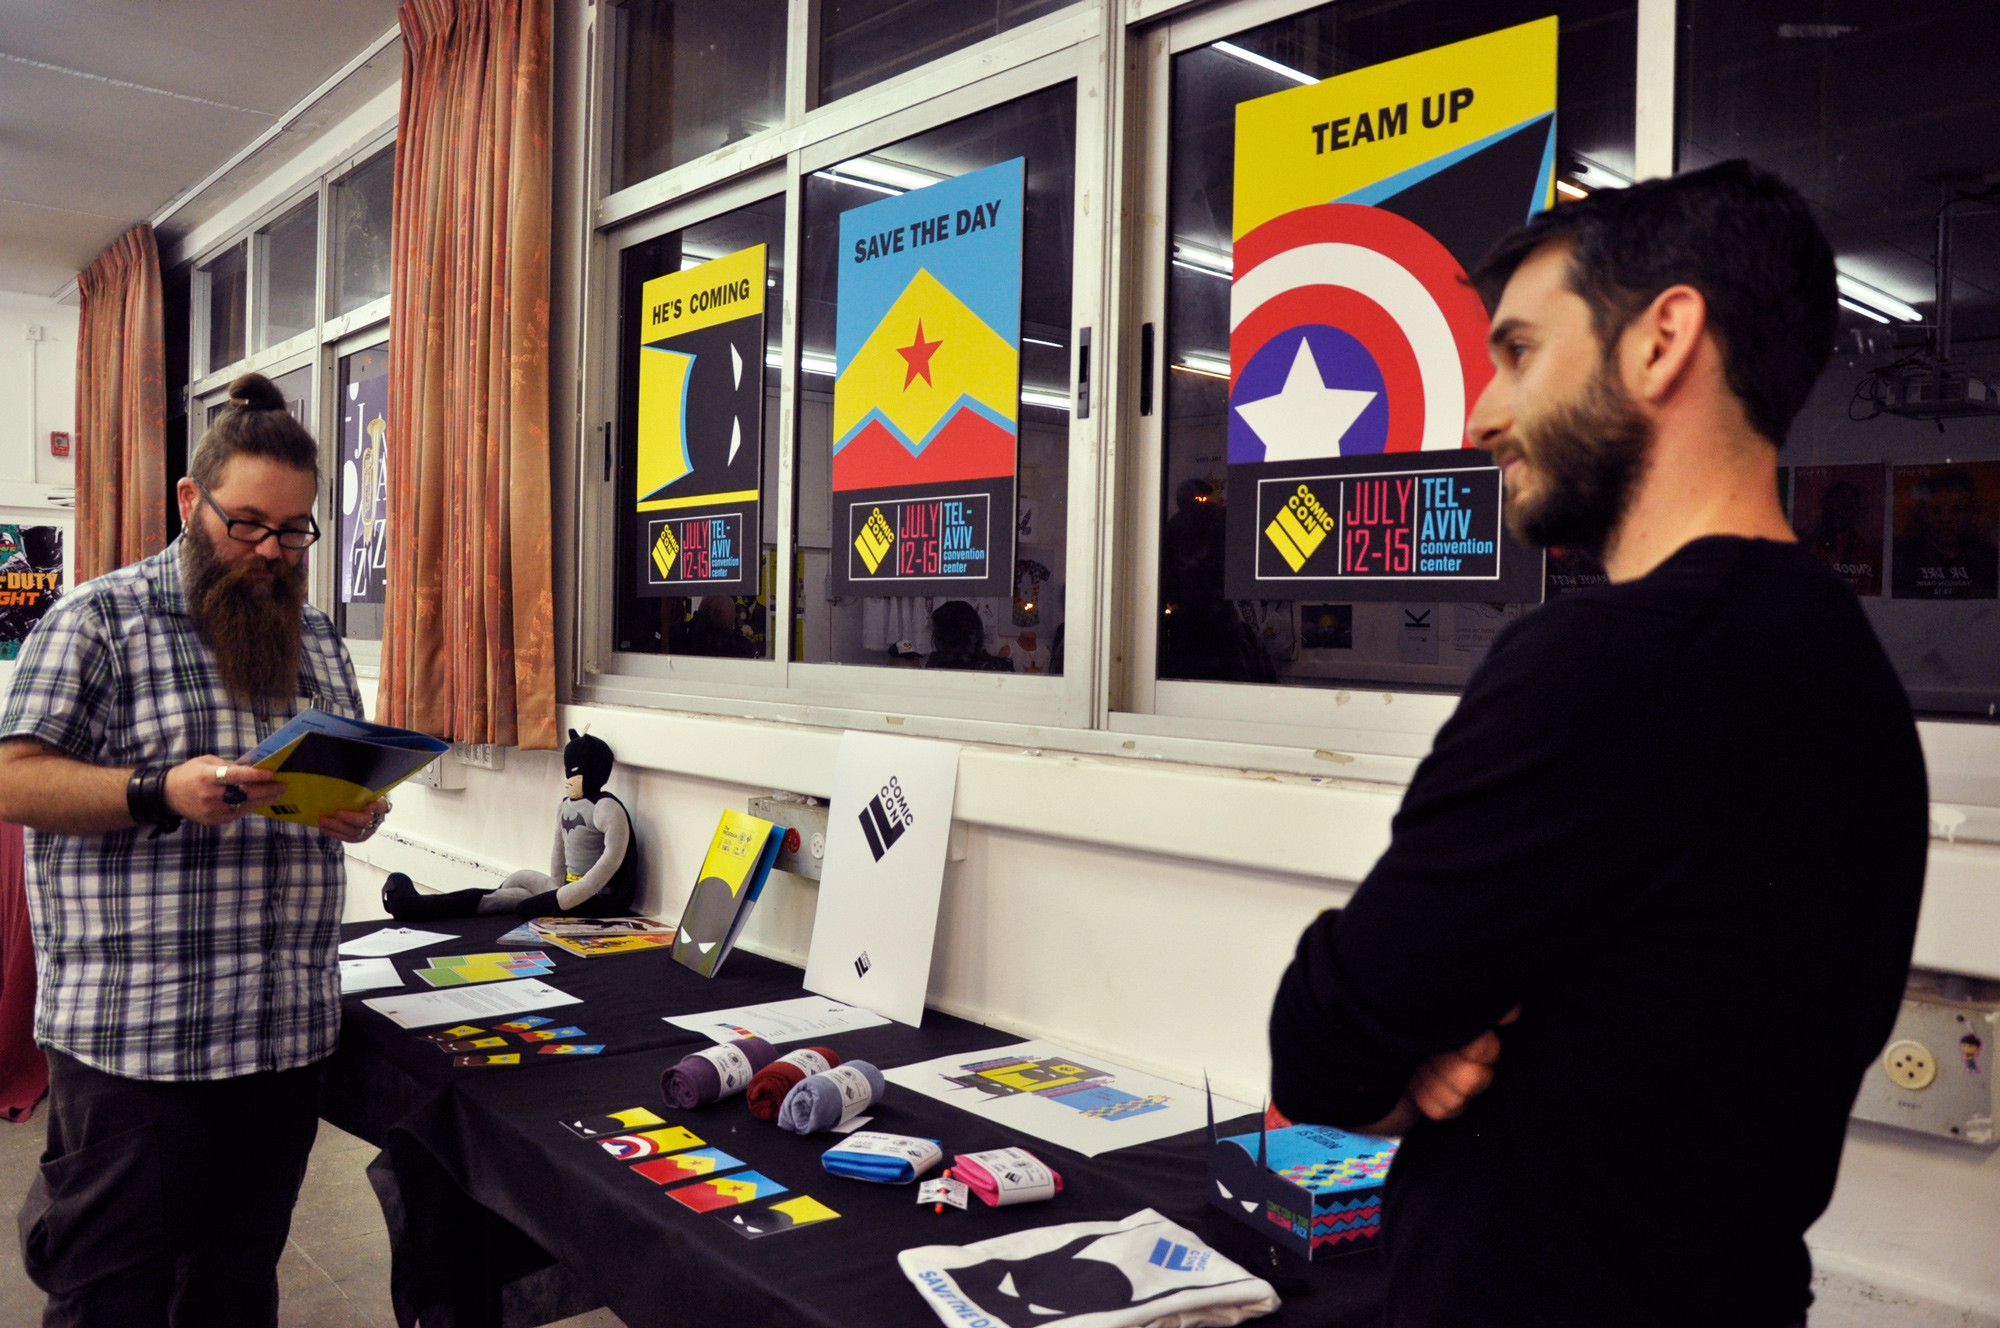 קורס עיצוב גרפי - מכללת שנקר הנדסאים. צילום: מאיה לוי